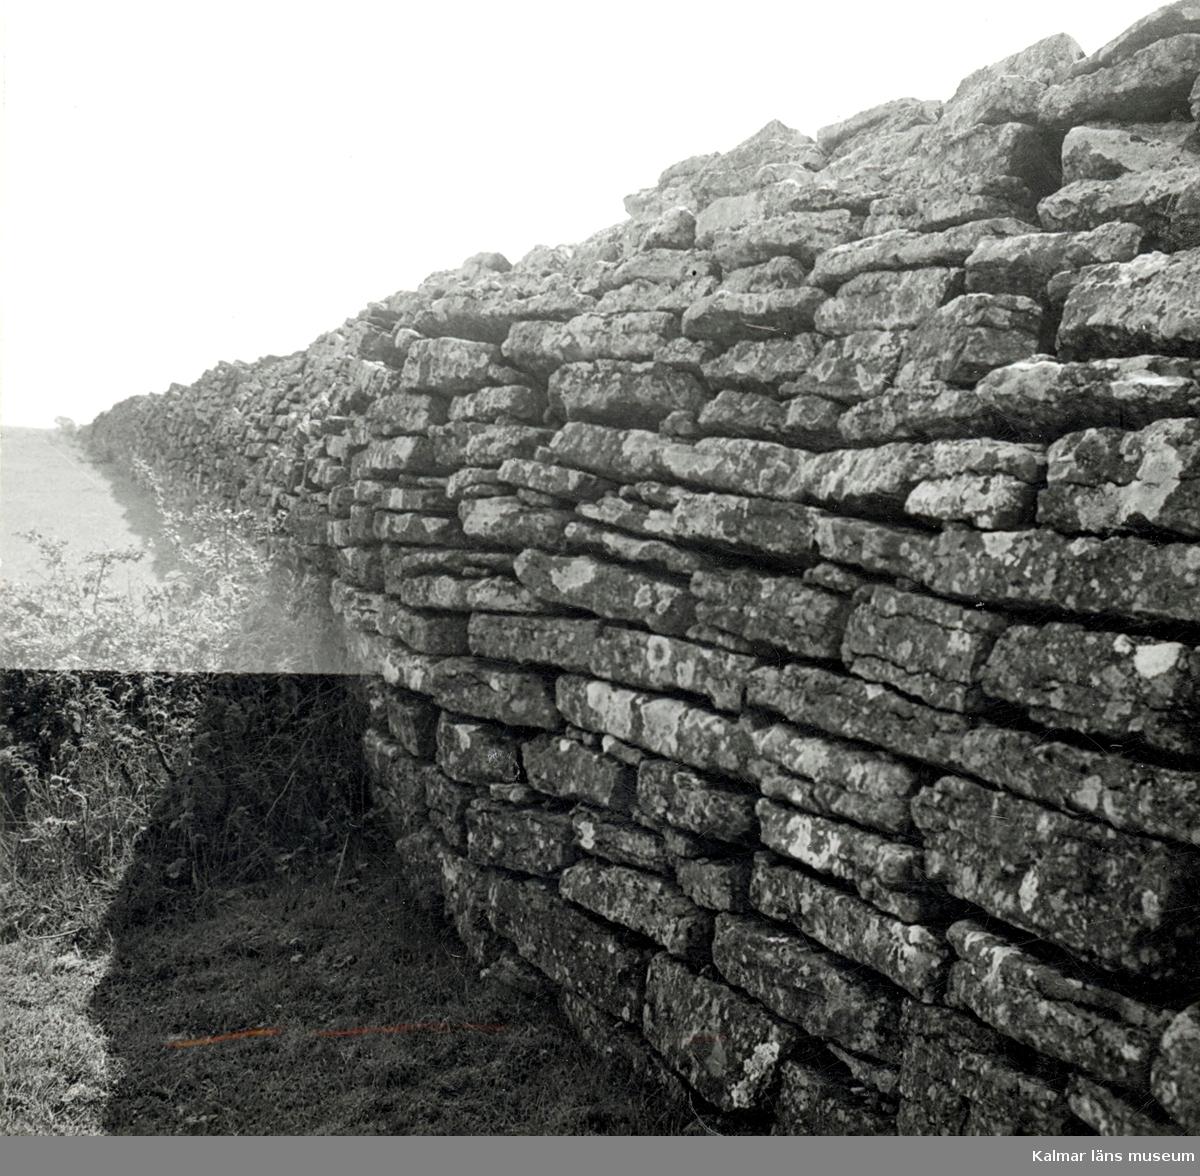 Hertig Karl Gustaf, senare Karl X Gustaf hade Öland som förläning när han 1653 lät bygga denna mur. Den drygt 2 meter höga muren i Öländsk kalksten sträcker sig rakt över hela ön, från öst till väst.